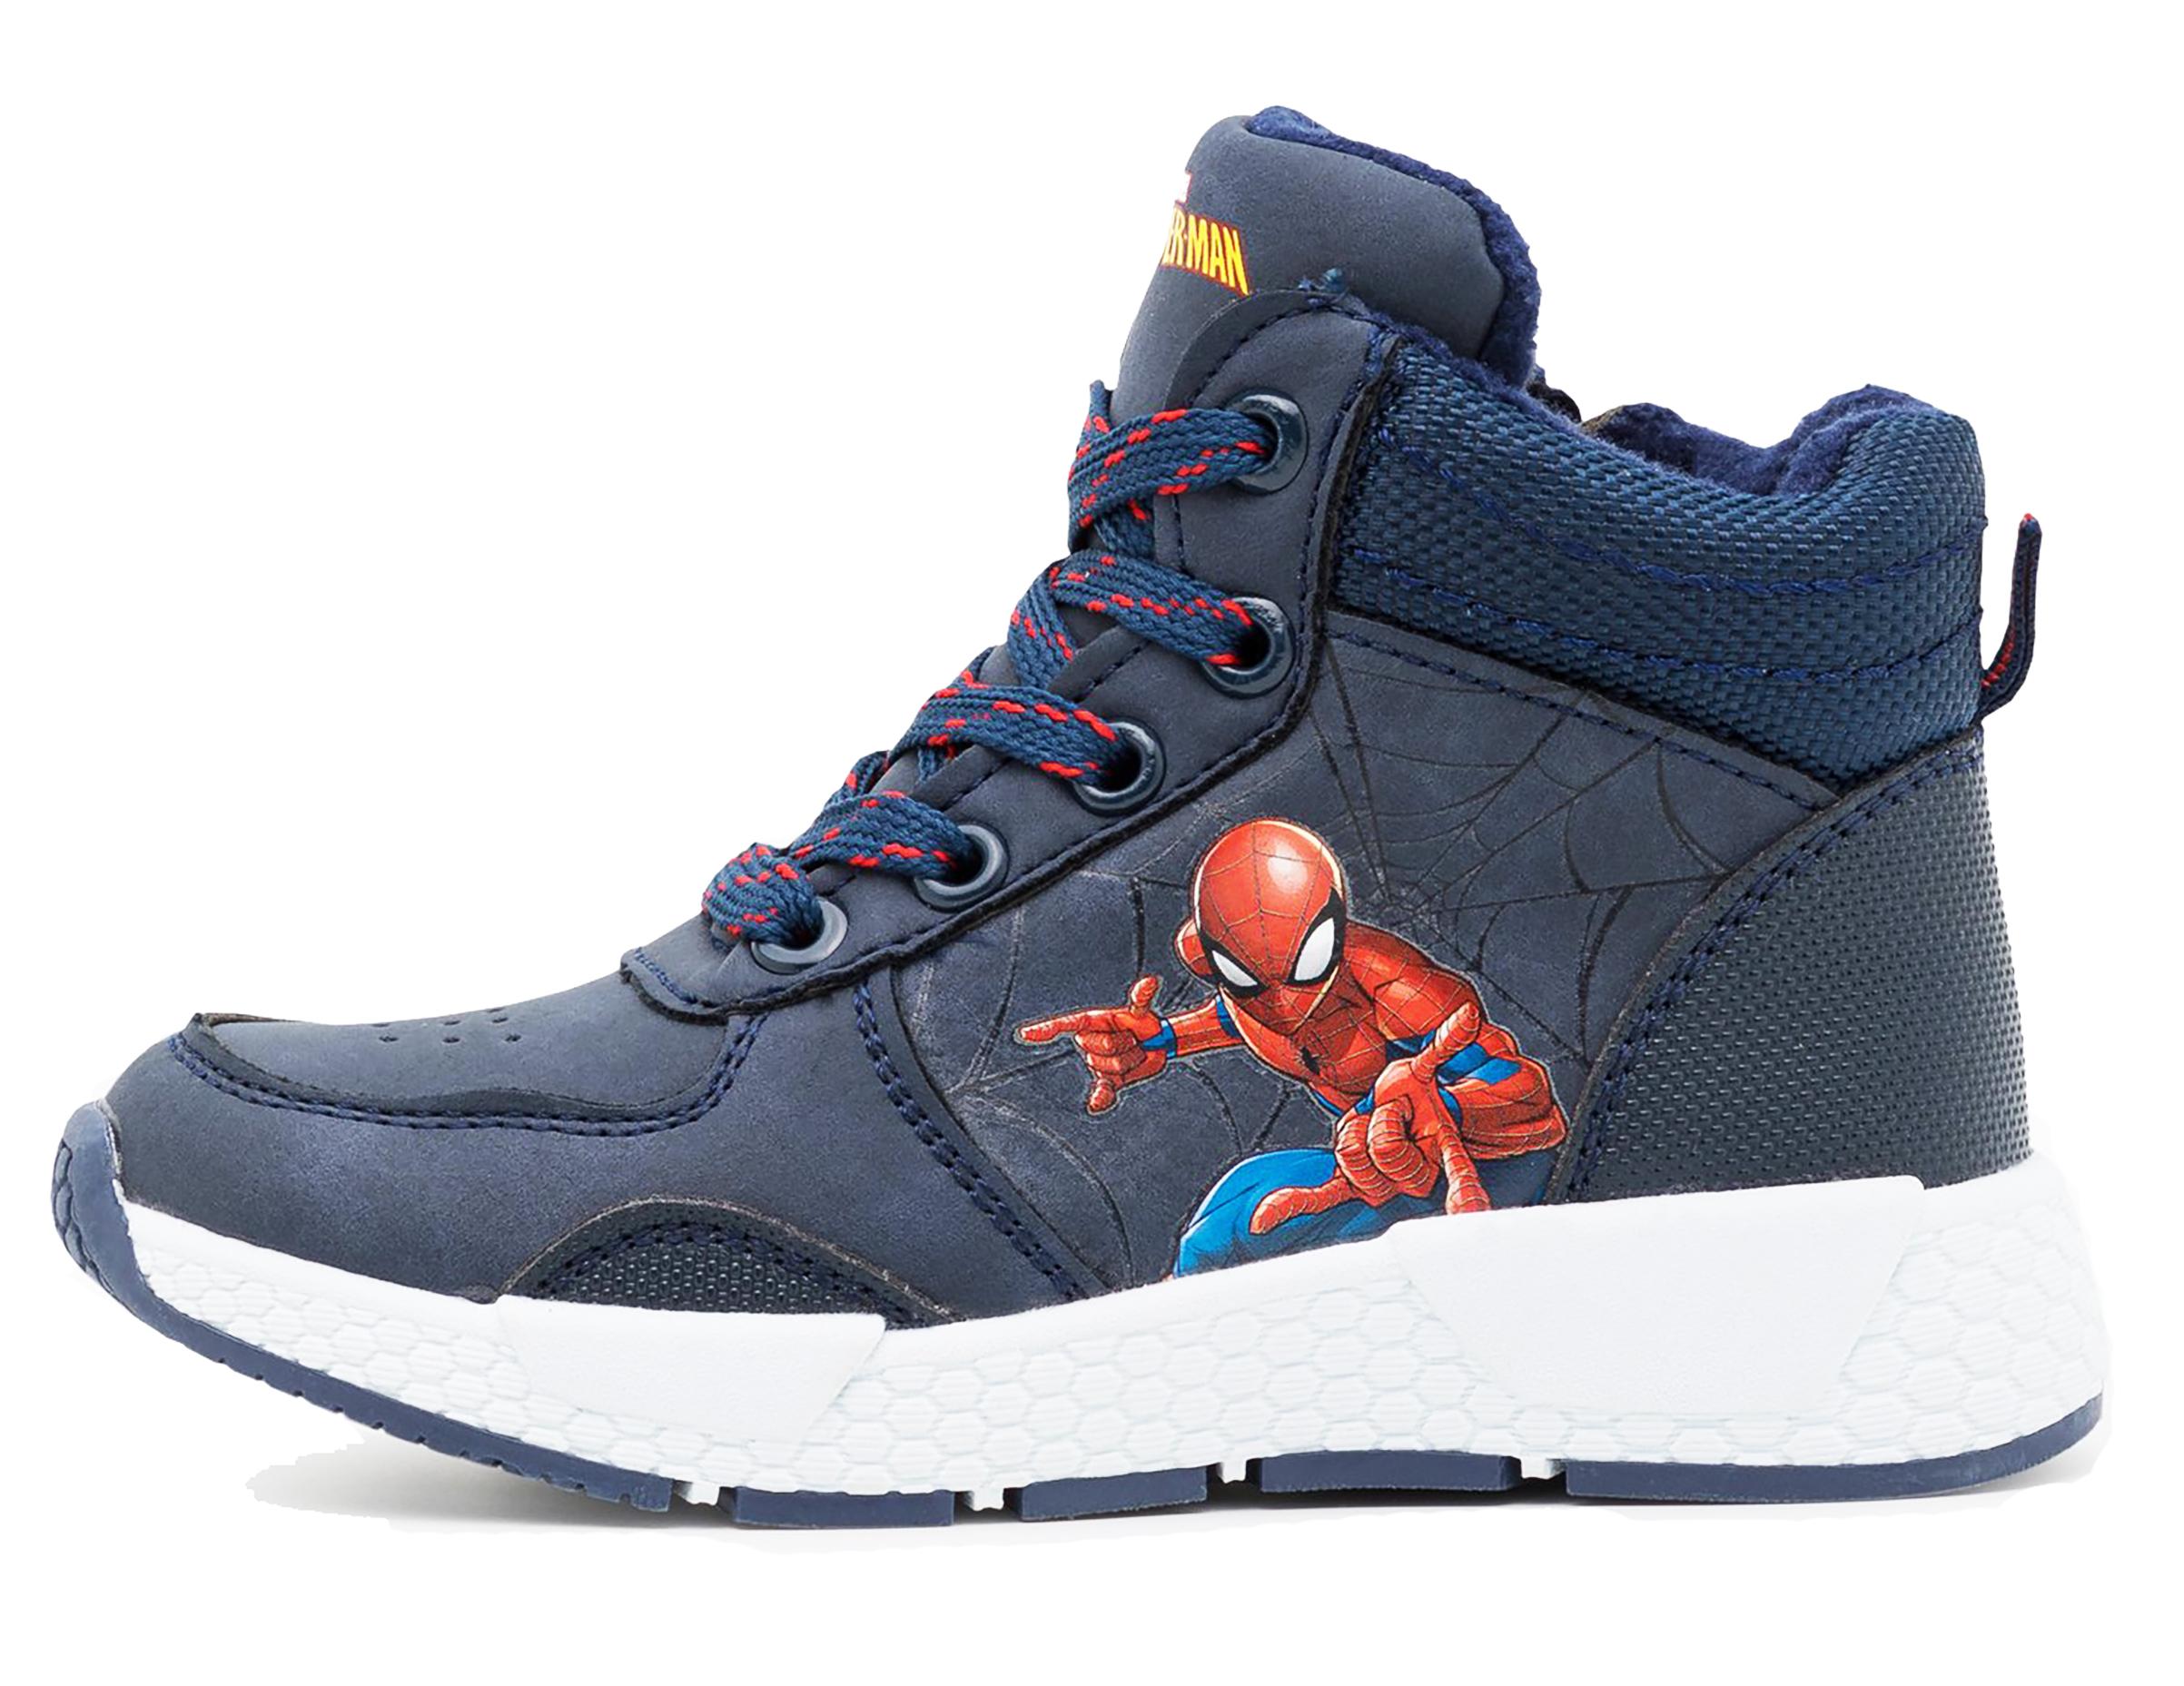 Scarpe Spiderman alte Autunno Inverno 2021 2022